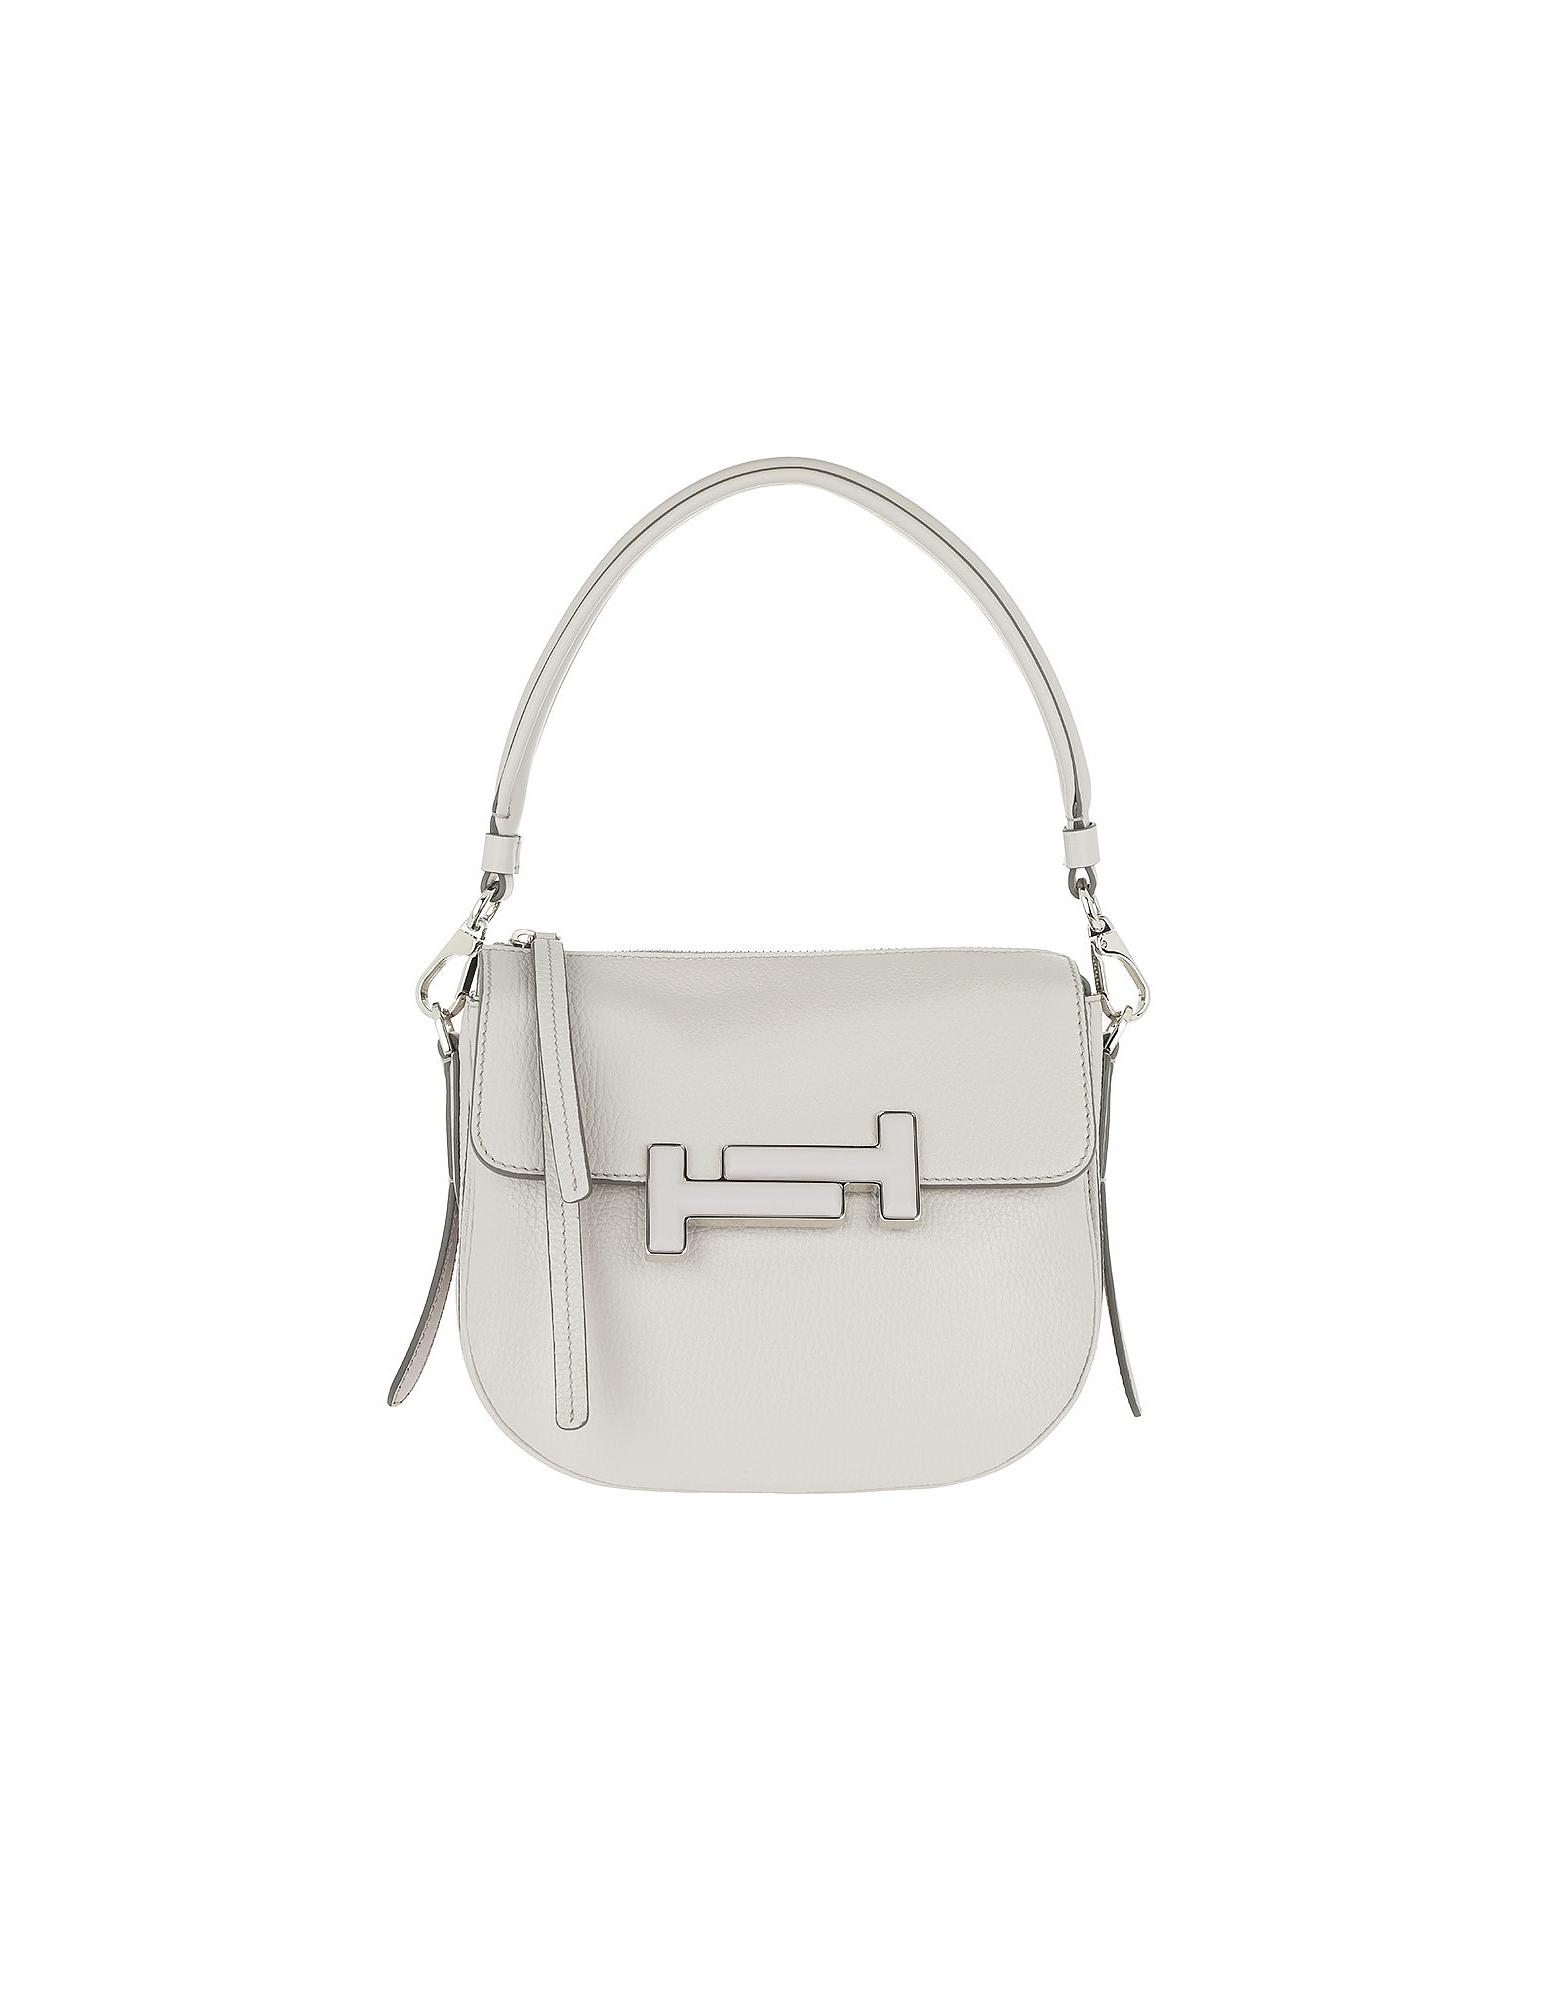 Tod's Handbags, Double T Mini Gray Crossbody Bag